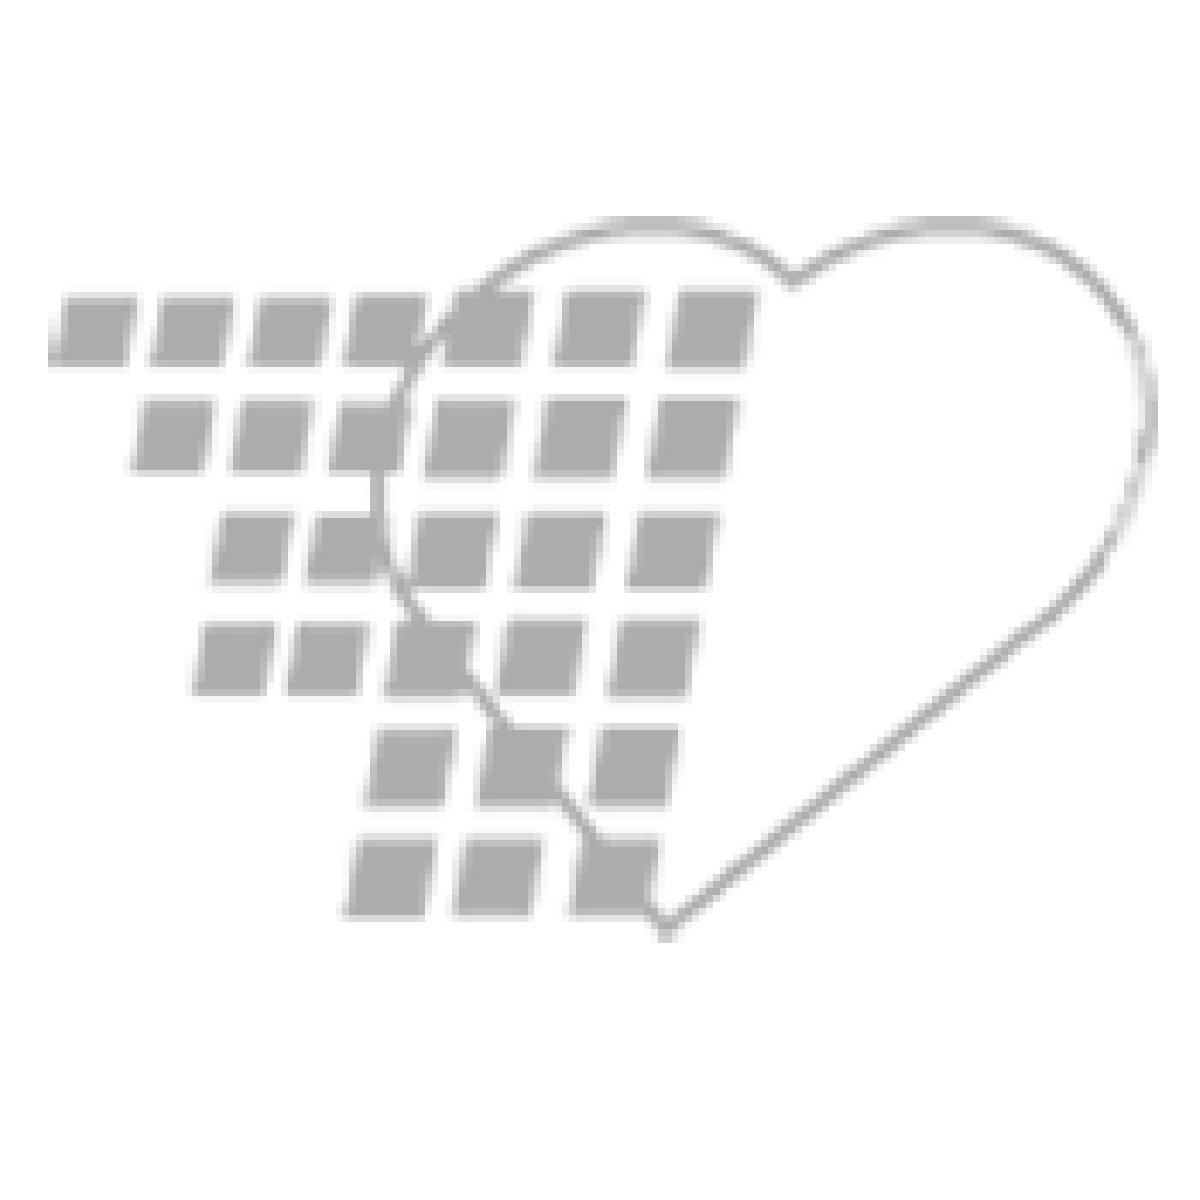 05-87-1220 Catheter Plug Drain Tube Cover Sterile